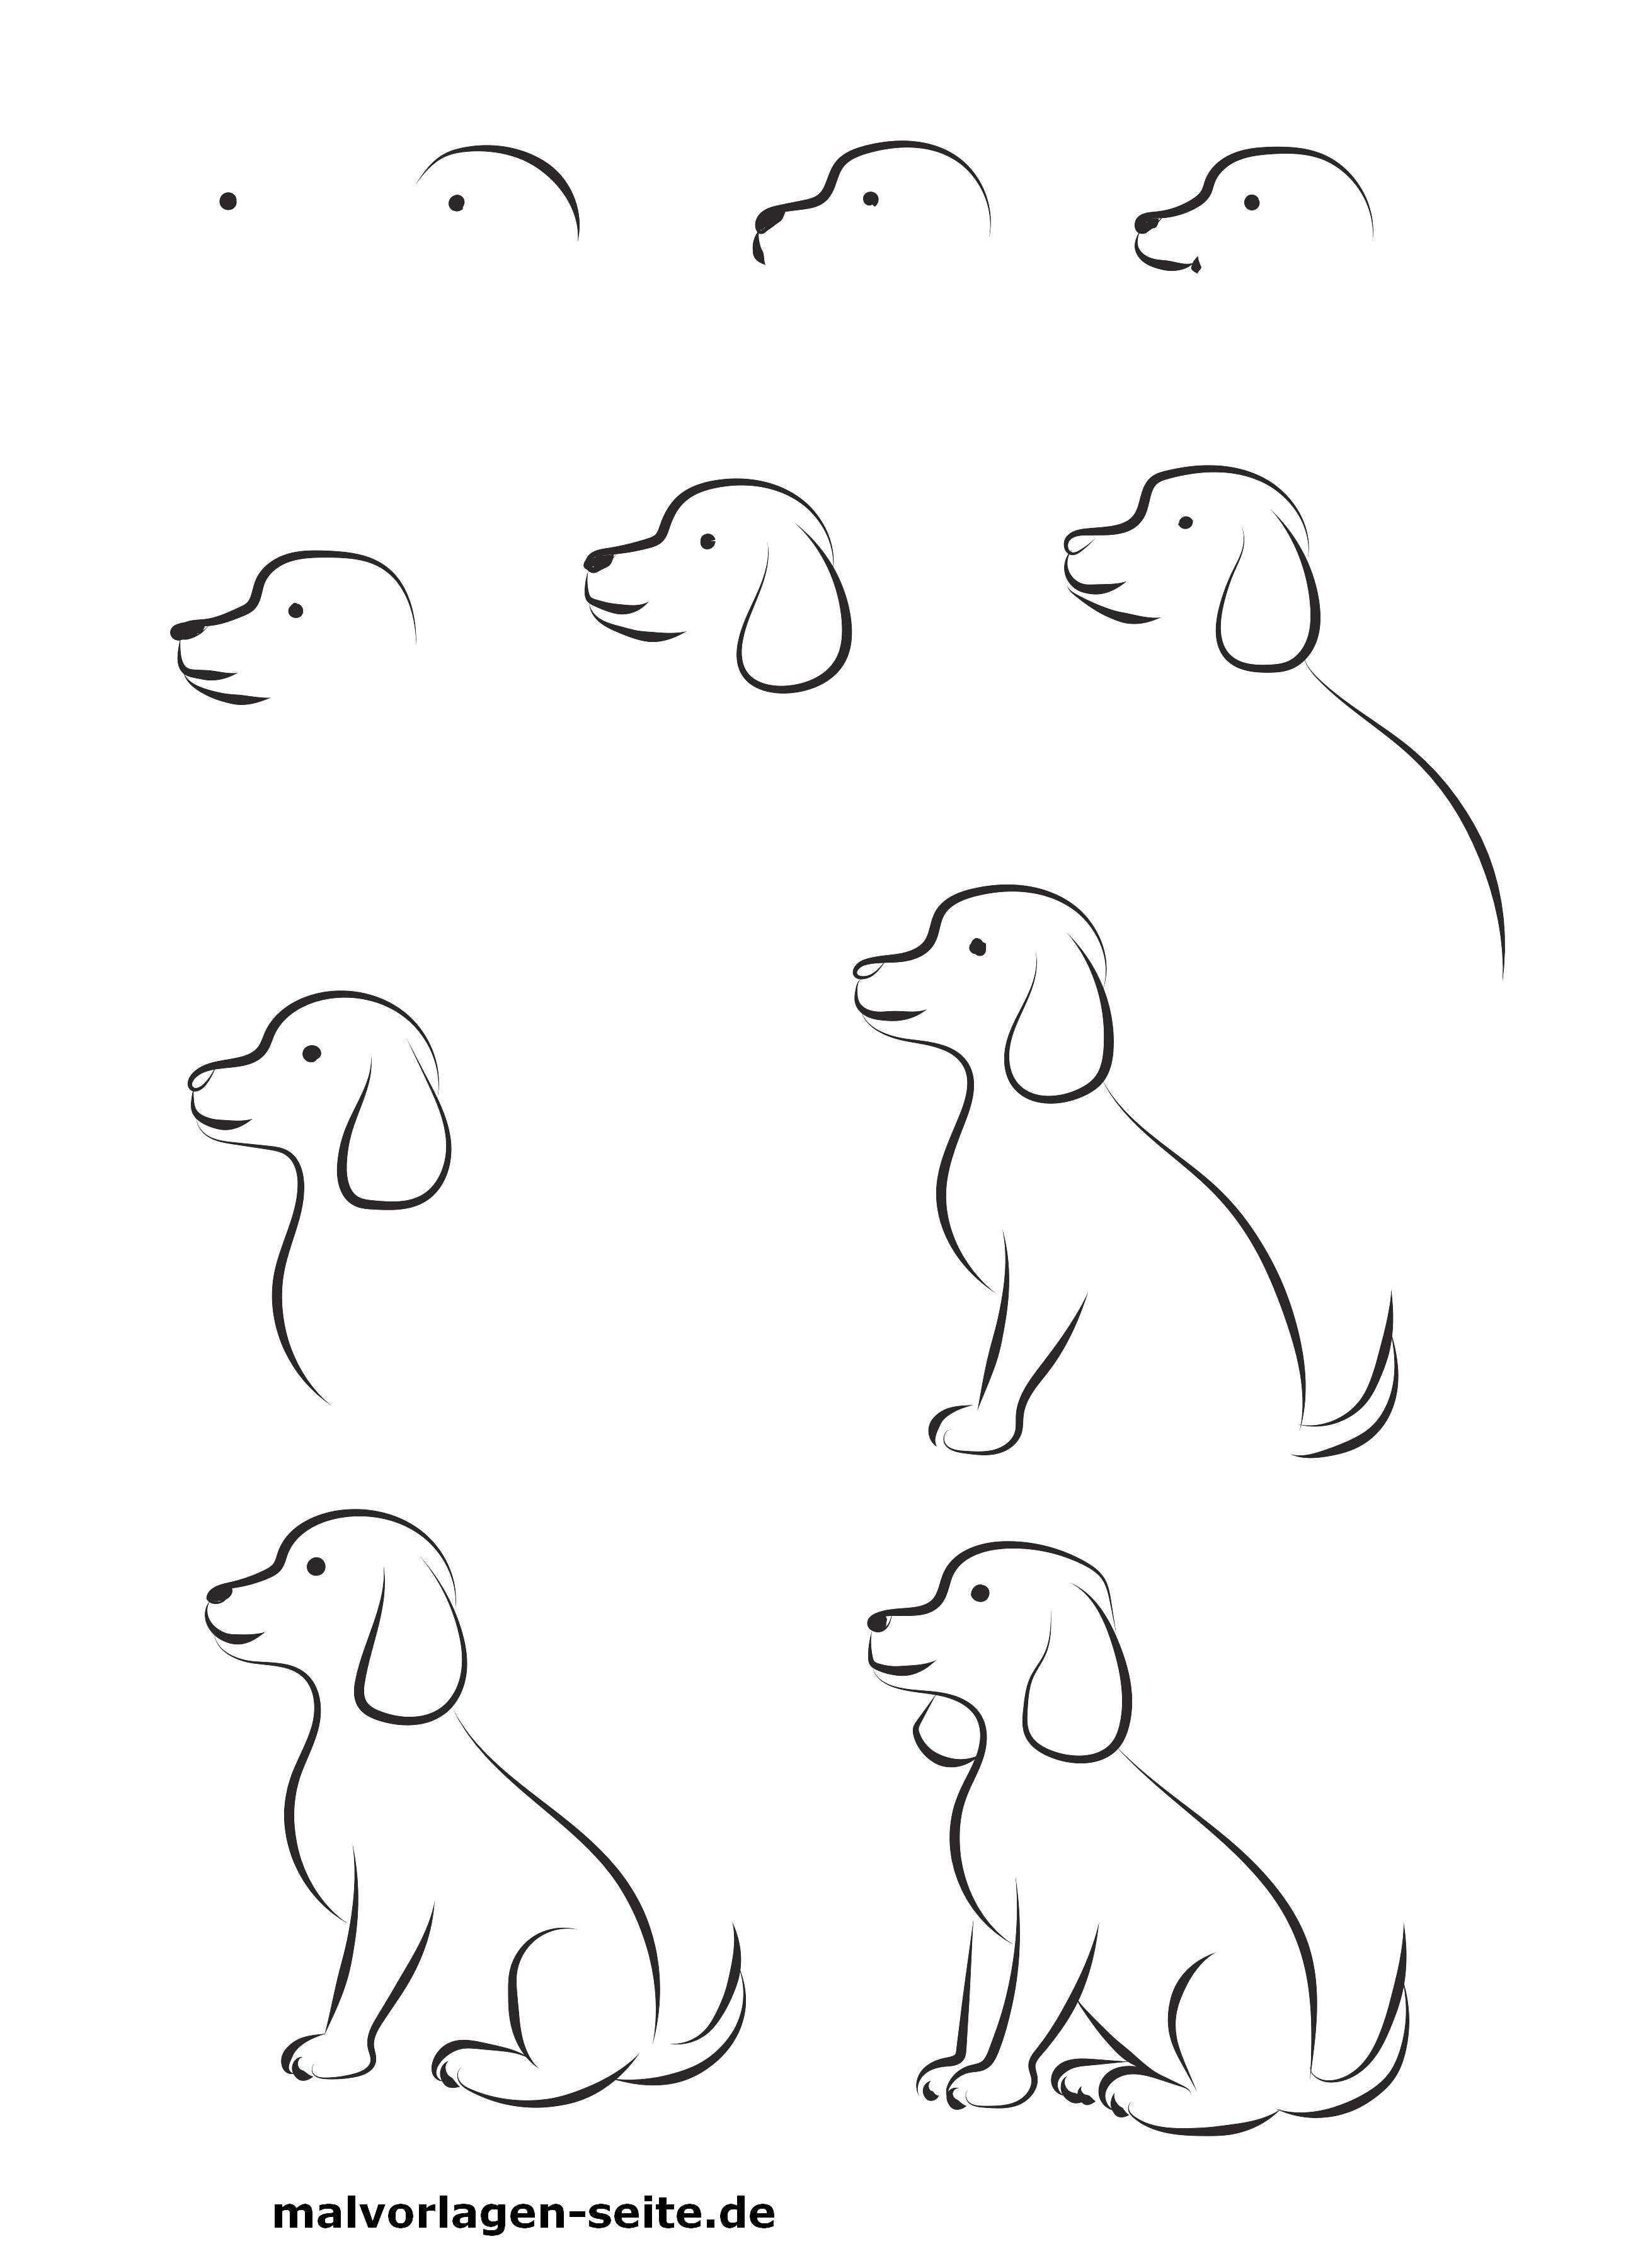 Malen Einfache Motive Bilder Malen Einfach Hund Malen Selber Malen